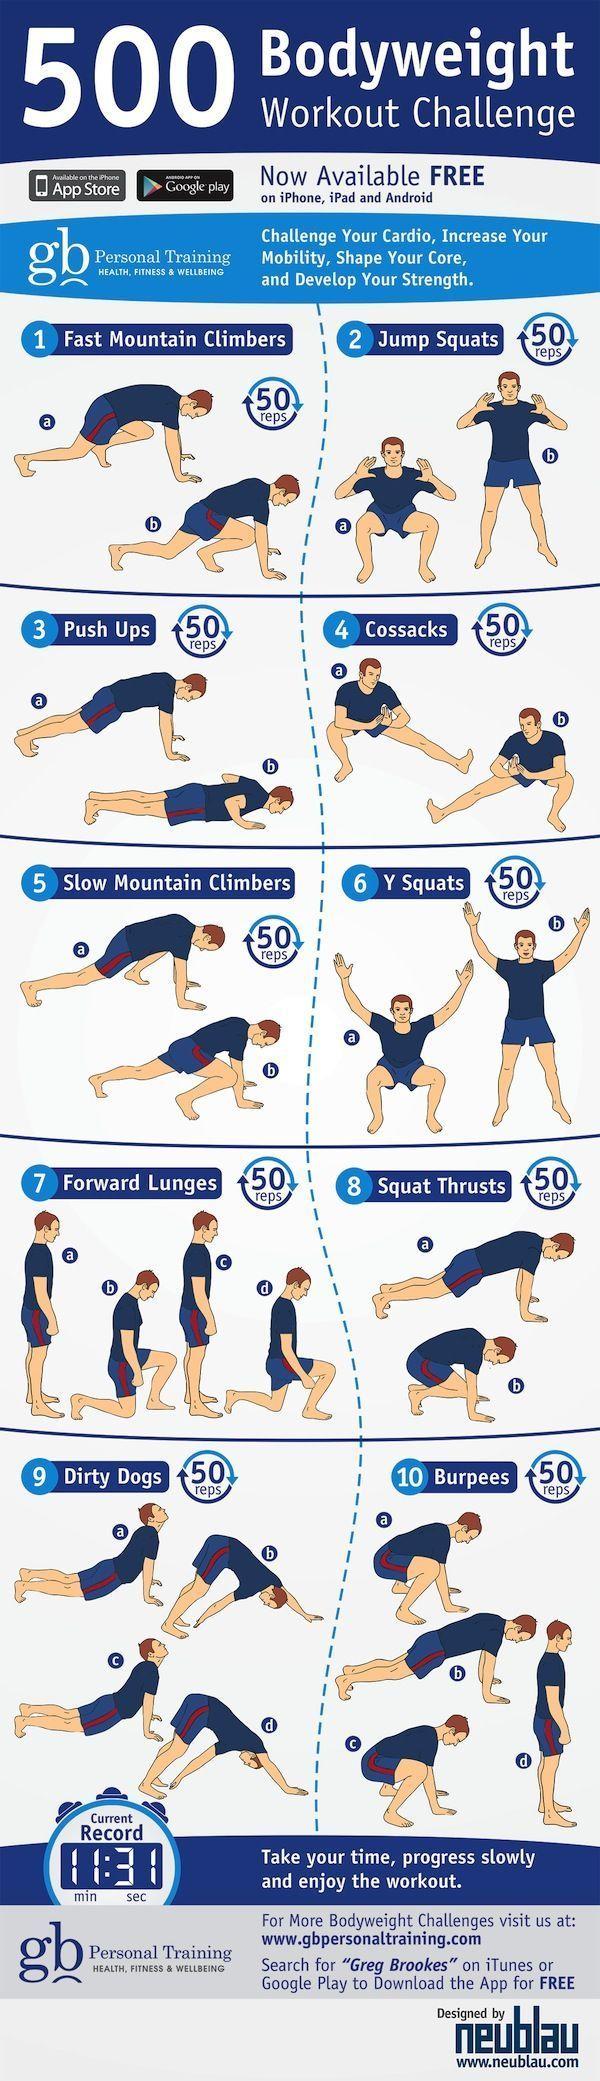 500 Bodyweight Workout Challenge